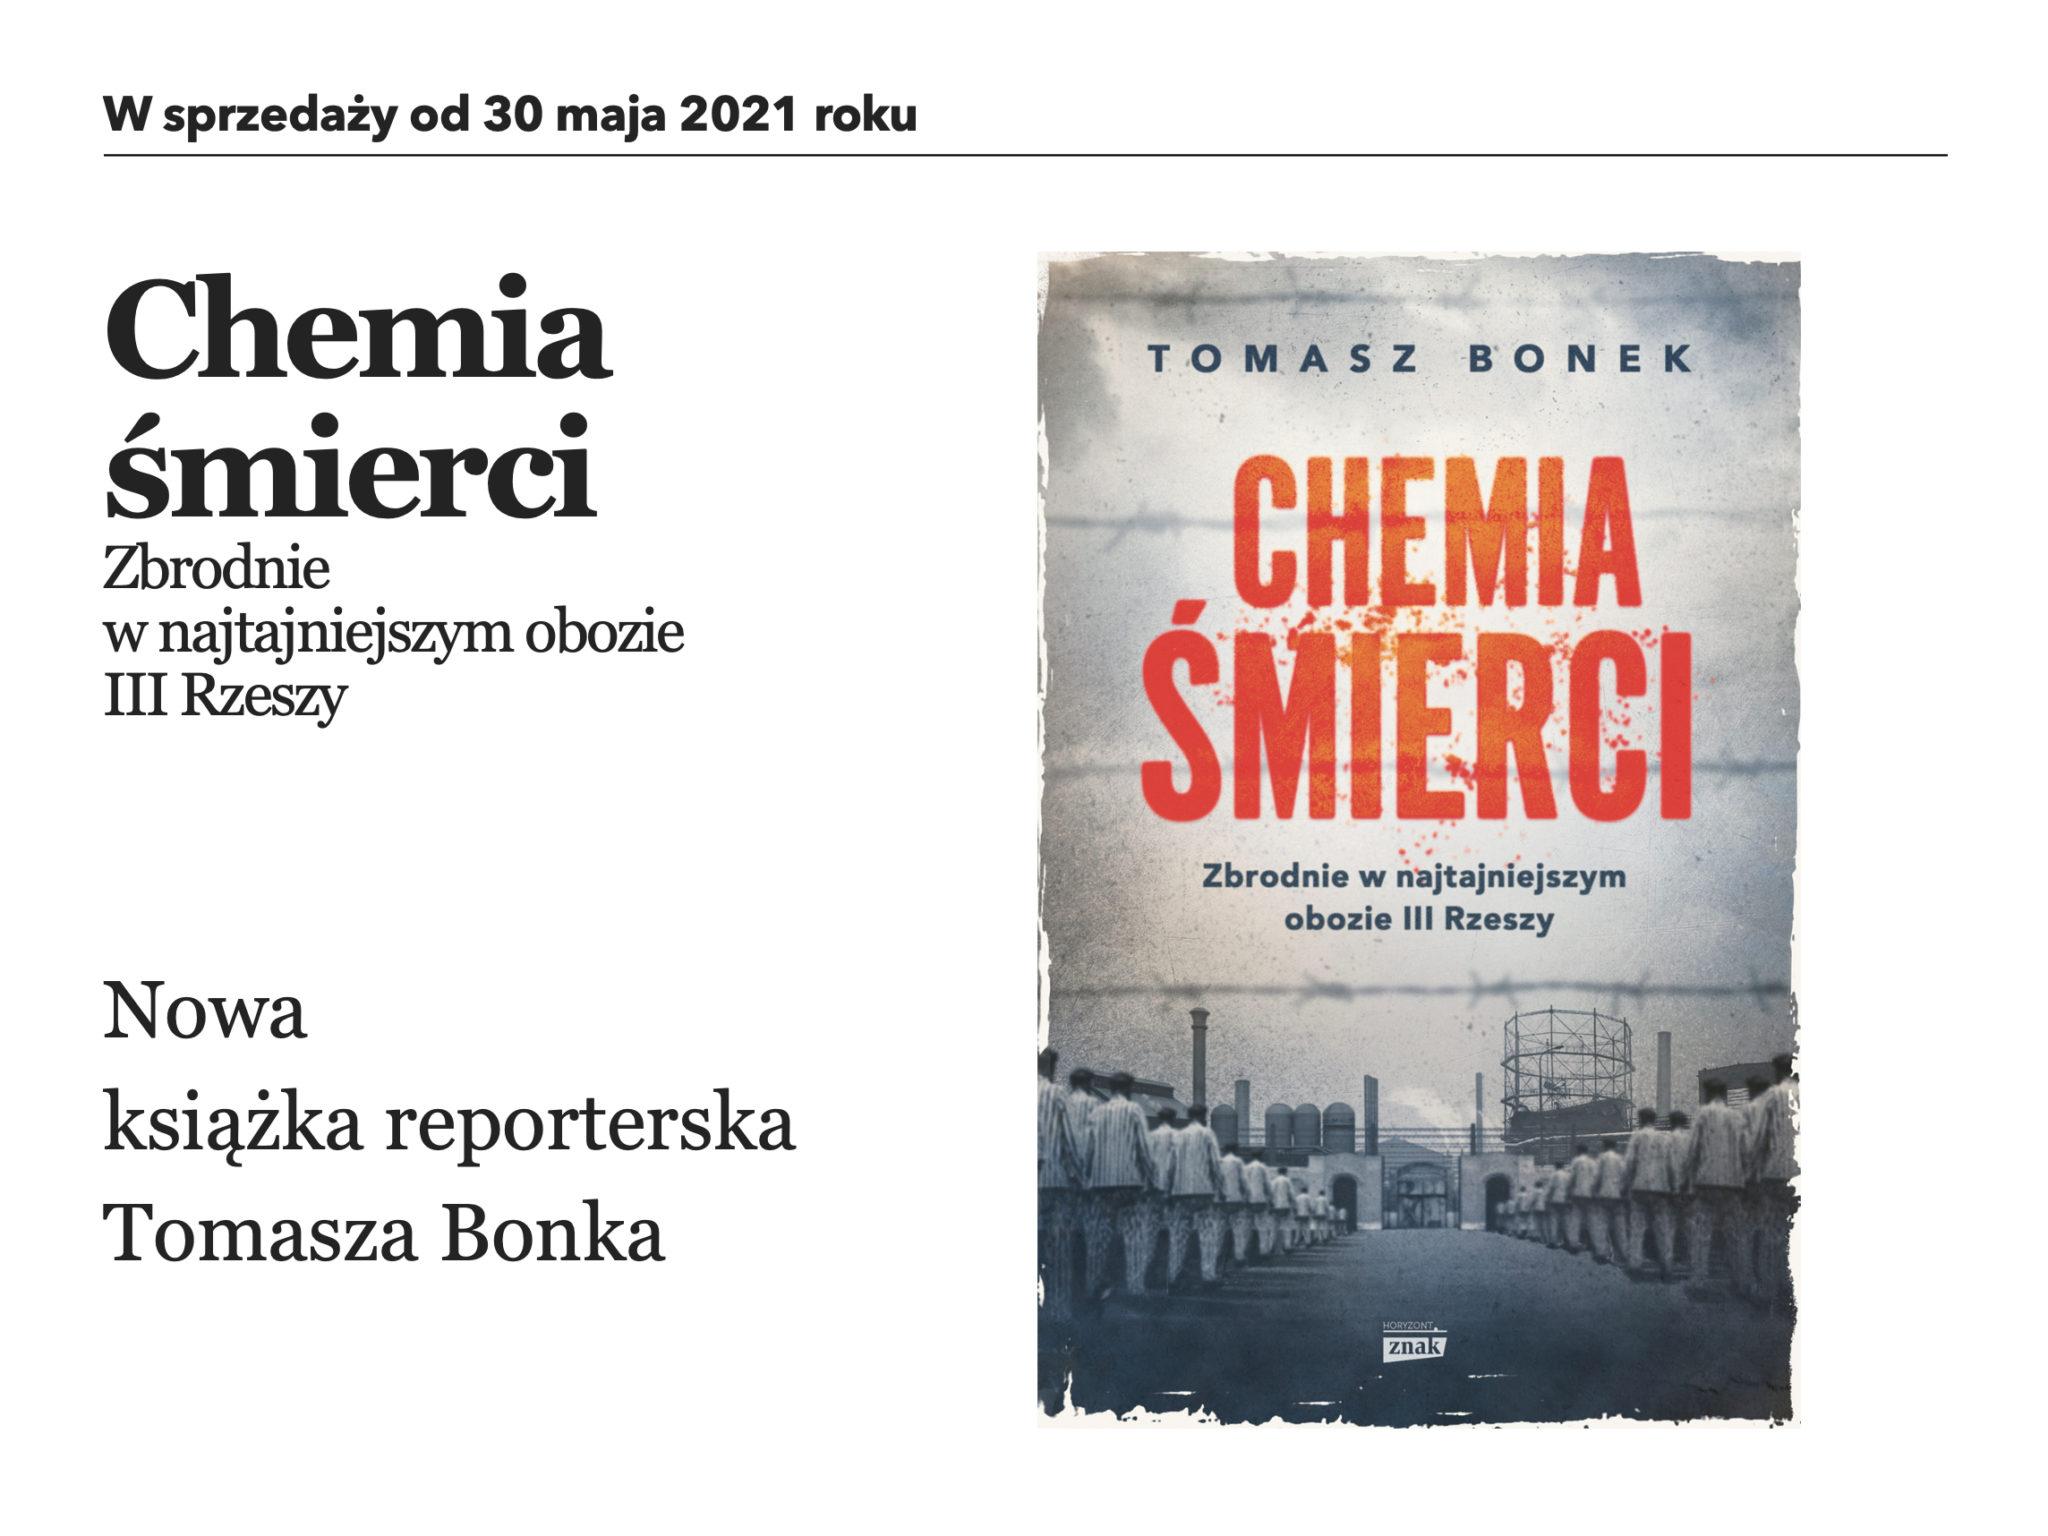 Chemia śmierci - Tomasz Bonek